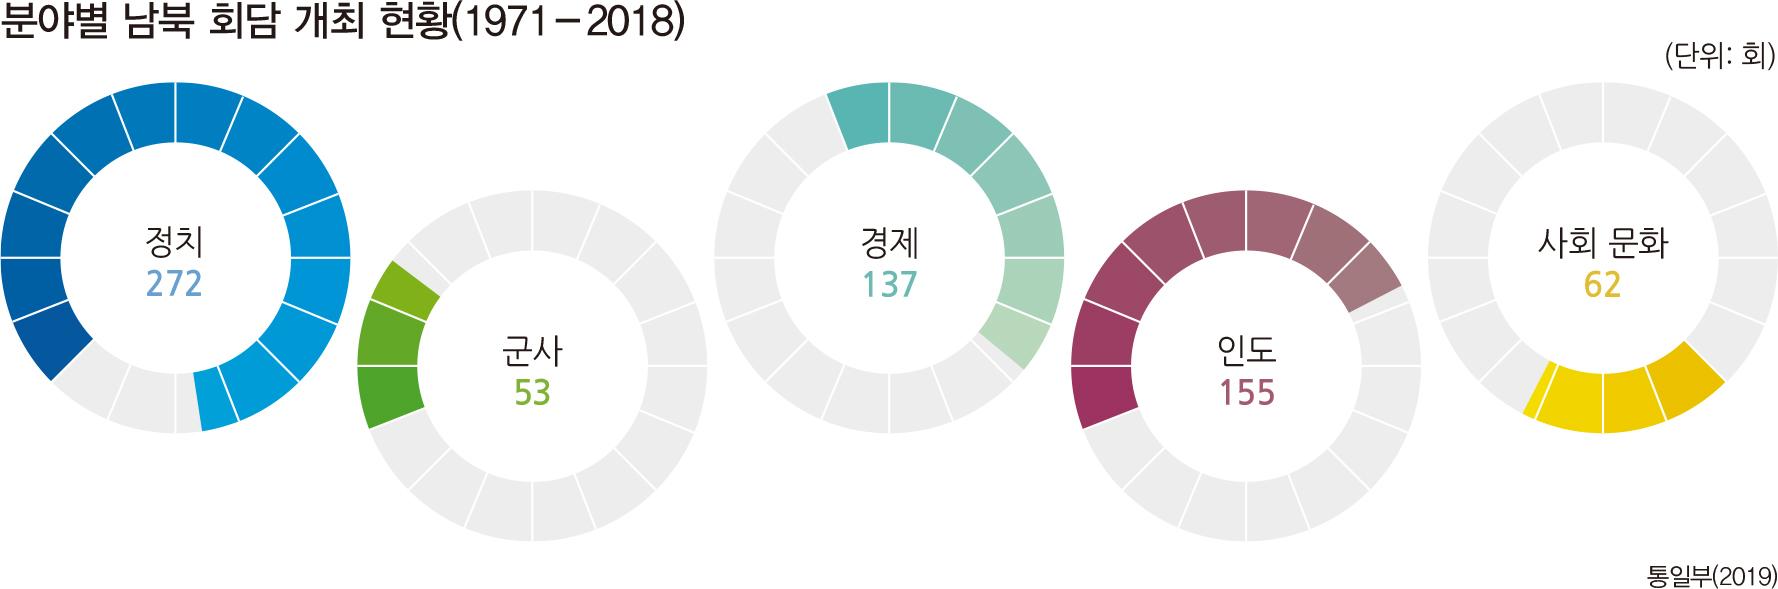 분야별 남북 회담 개최 현황(1971-2018)